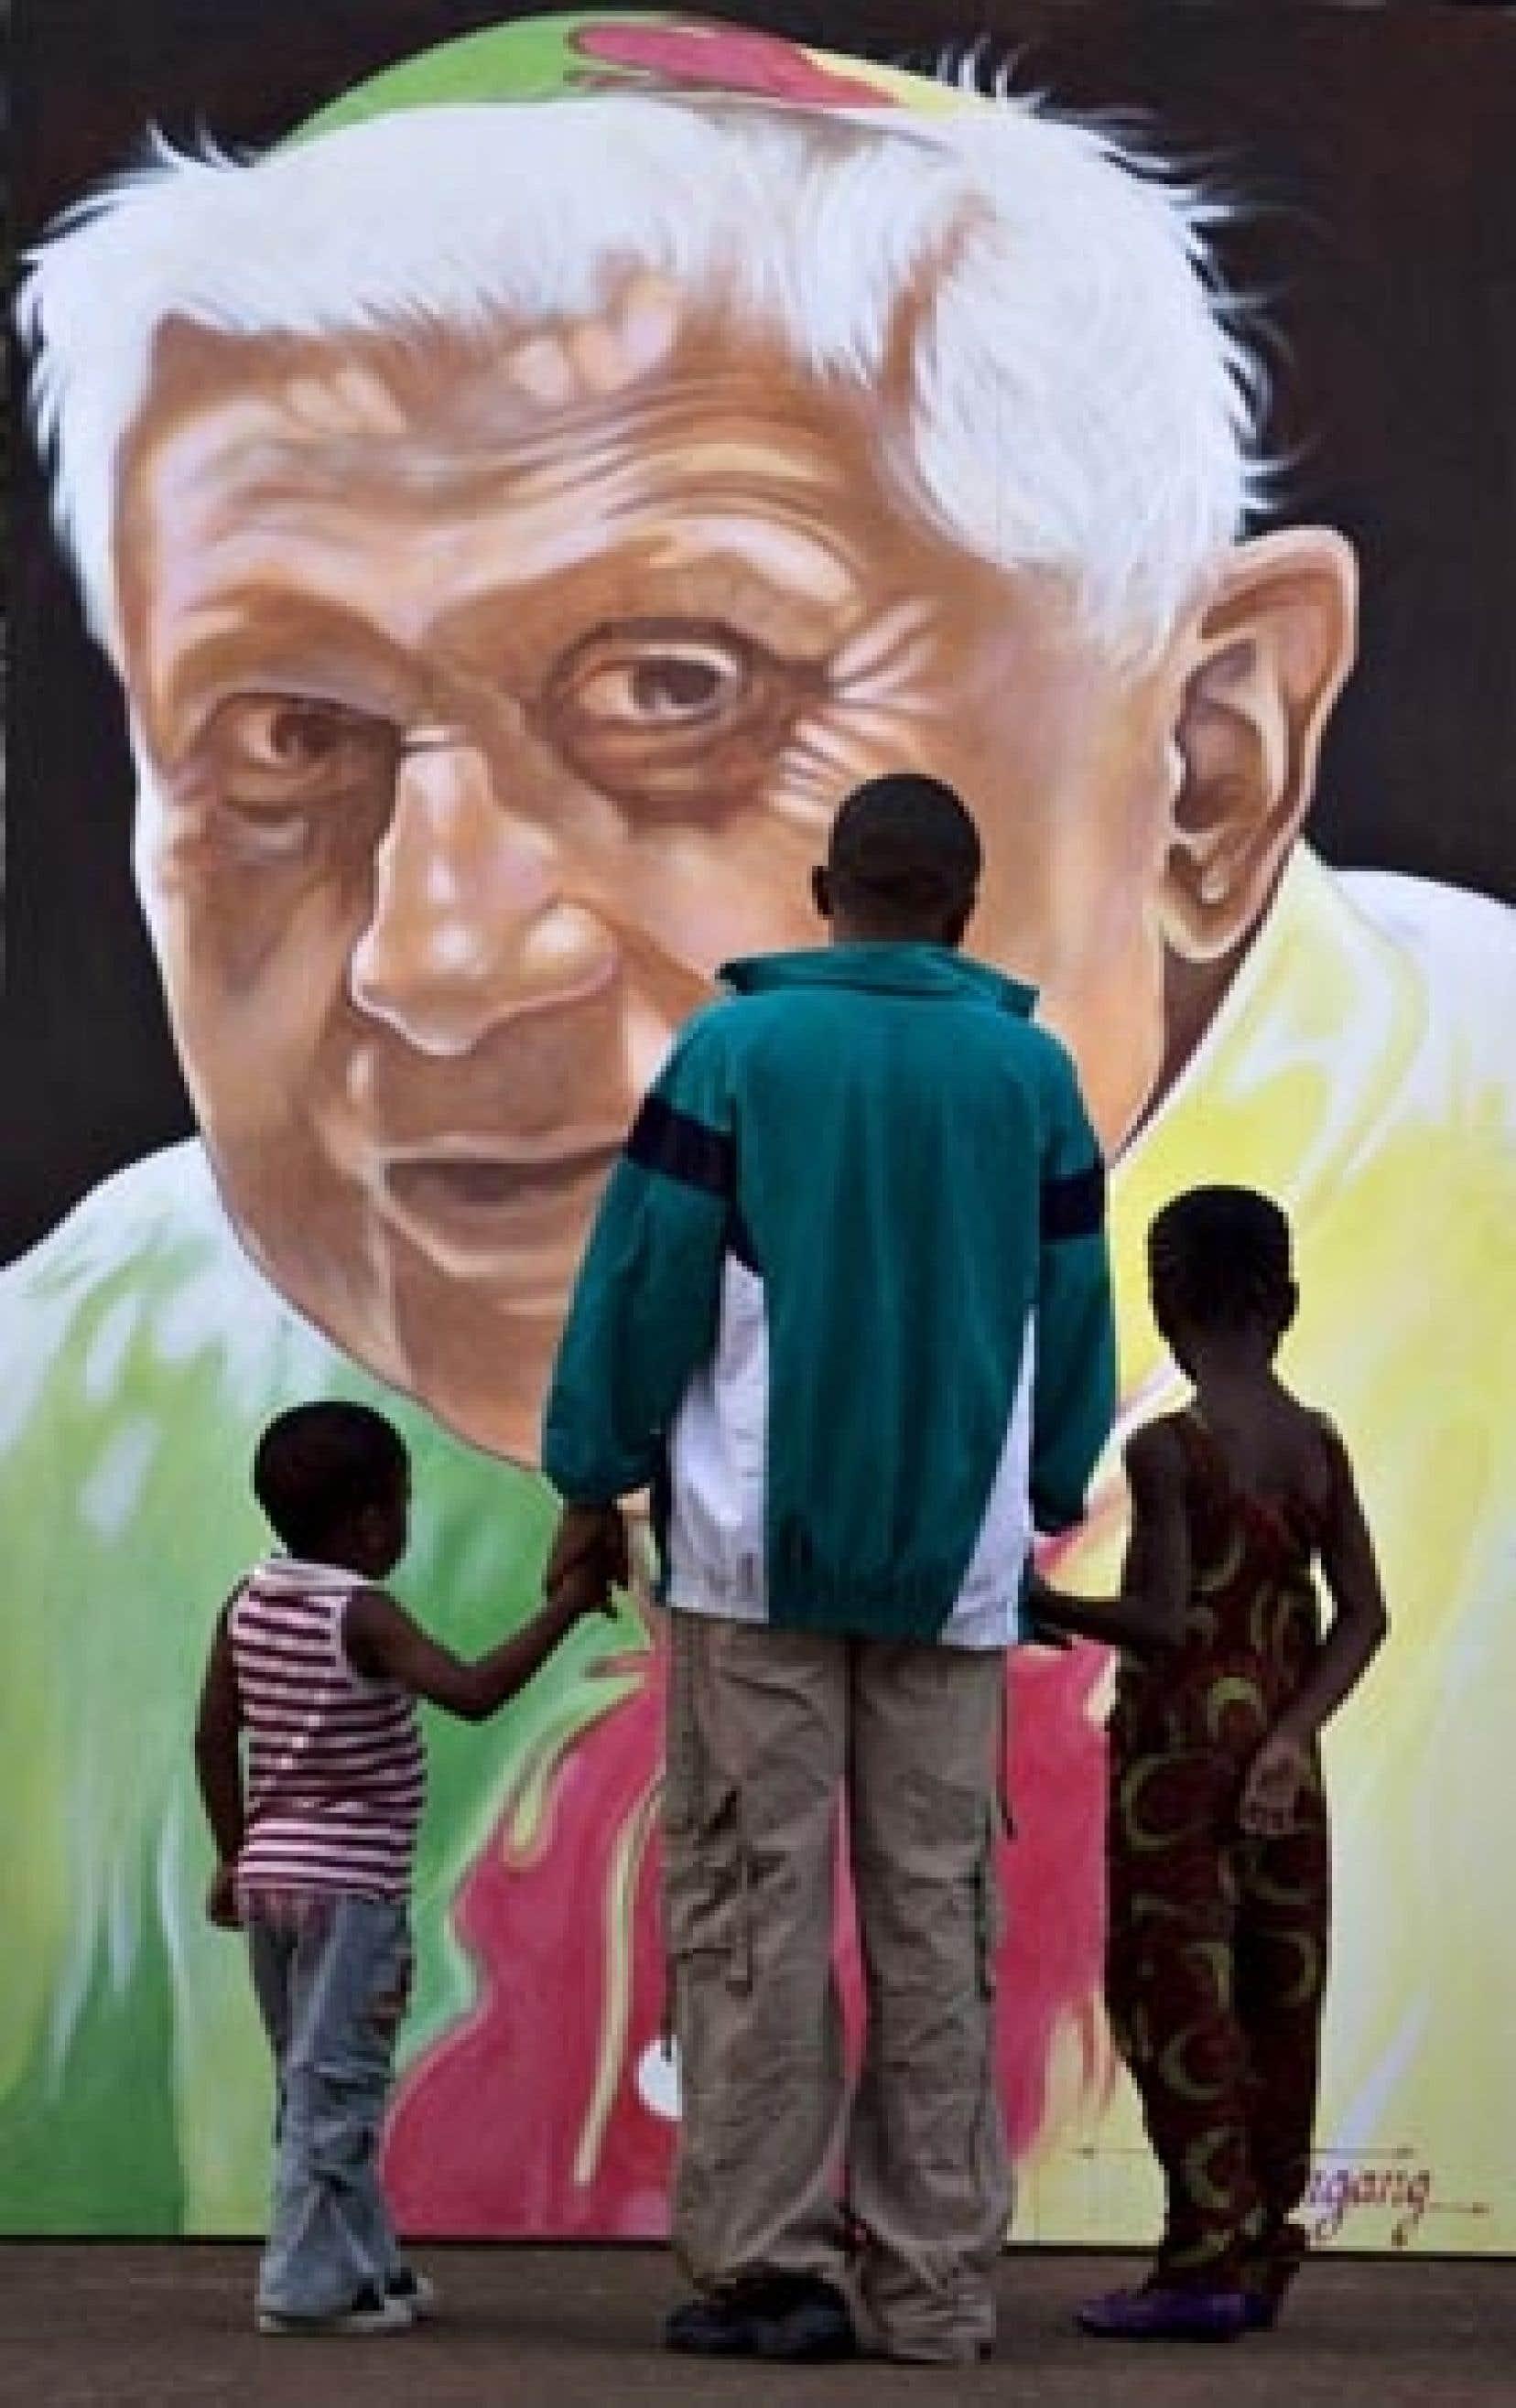 Une famille regarde un portrait du pape Benoît XVI, peint aux couleurs du Cameroun, à l'extérieur de la basilique Marie Reine des apôtres, à Yaoundé, où il célébrera la messe mercredi.